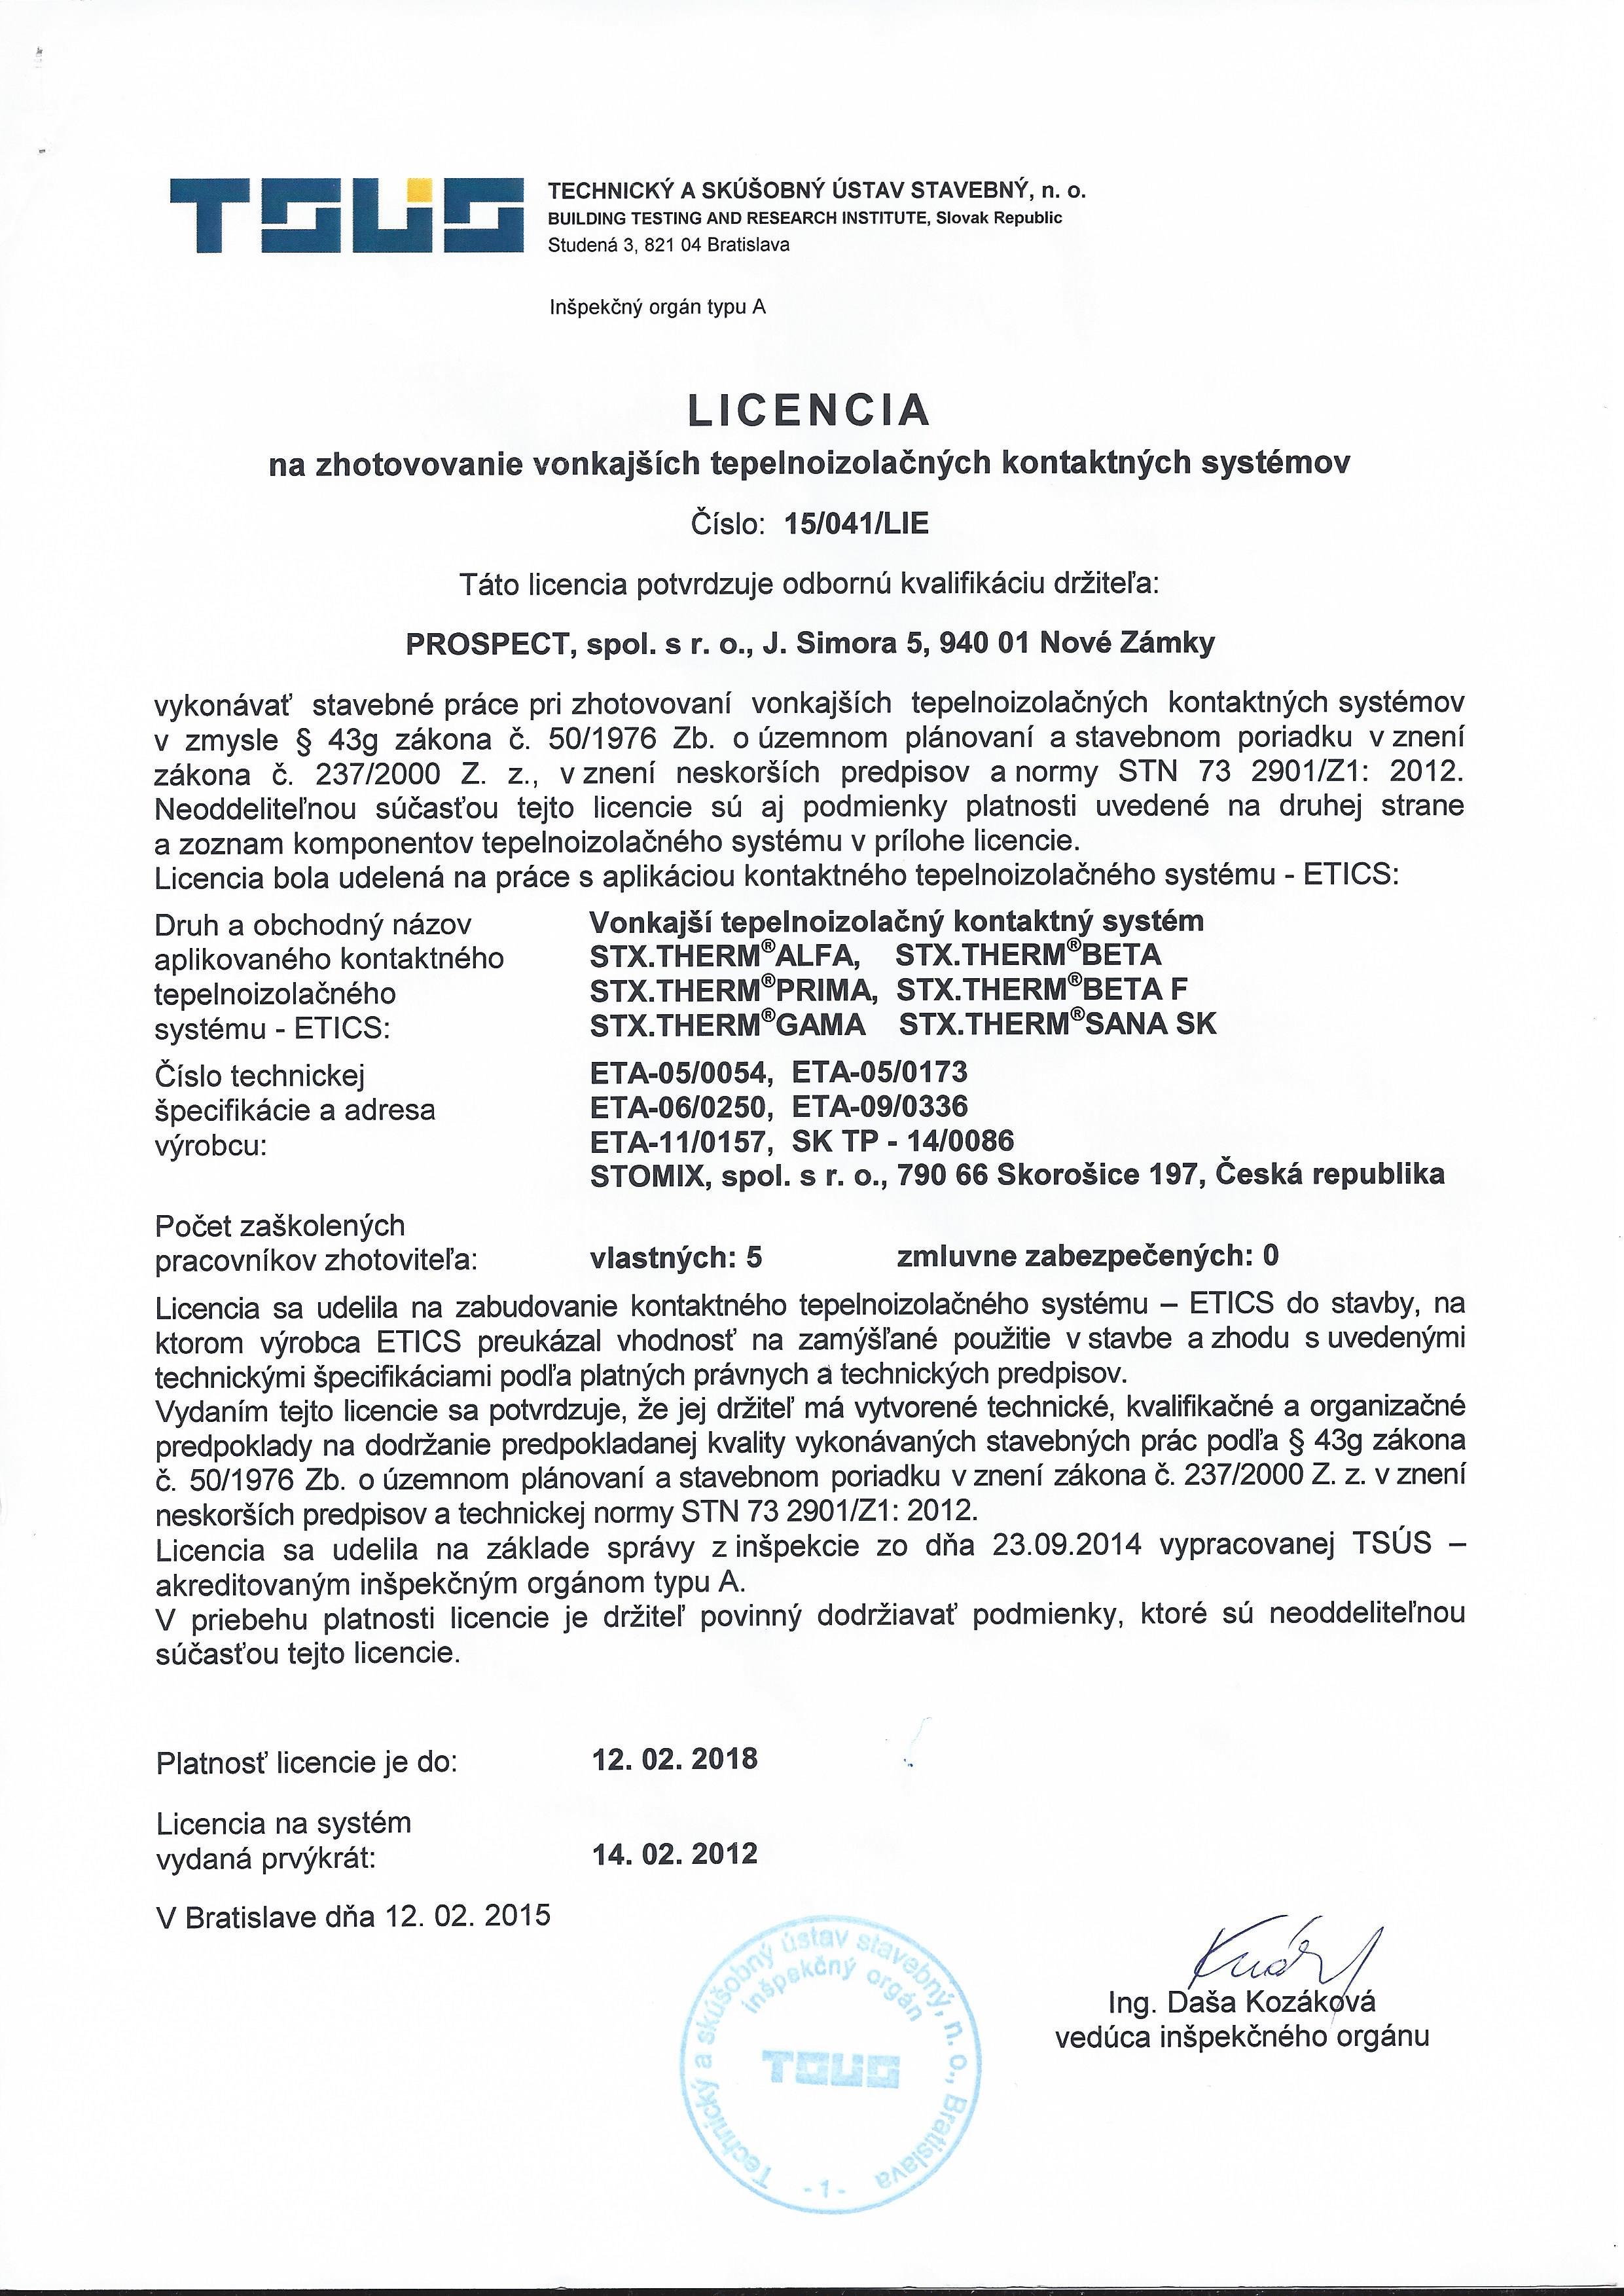 LICENCIA-č.-15-041-LIE-na-zhotovovanie-vonkajších-tks